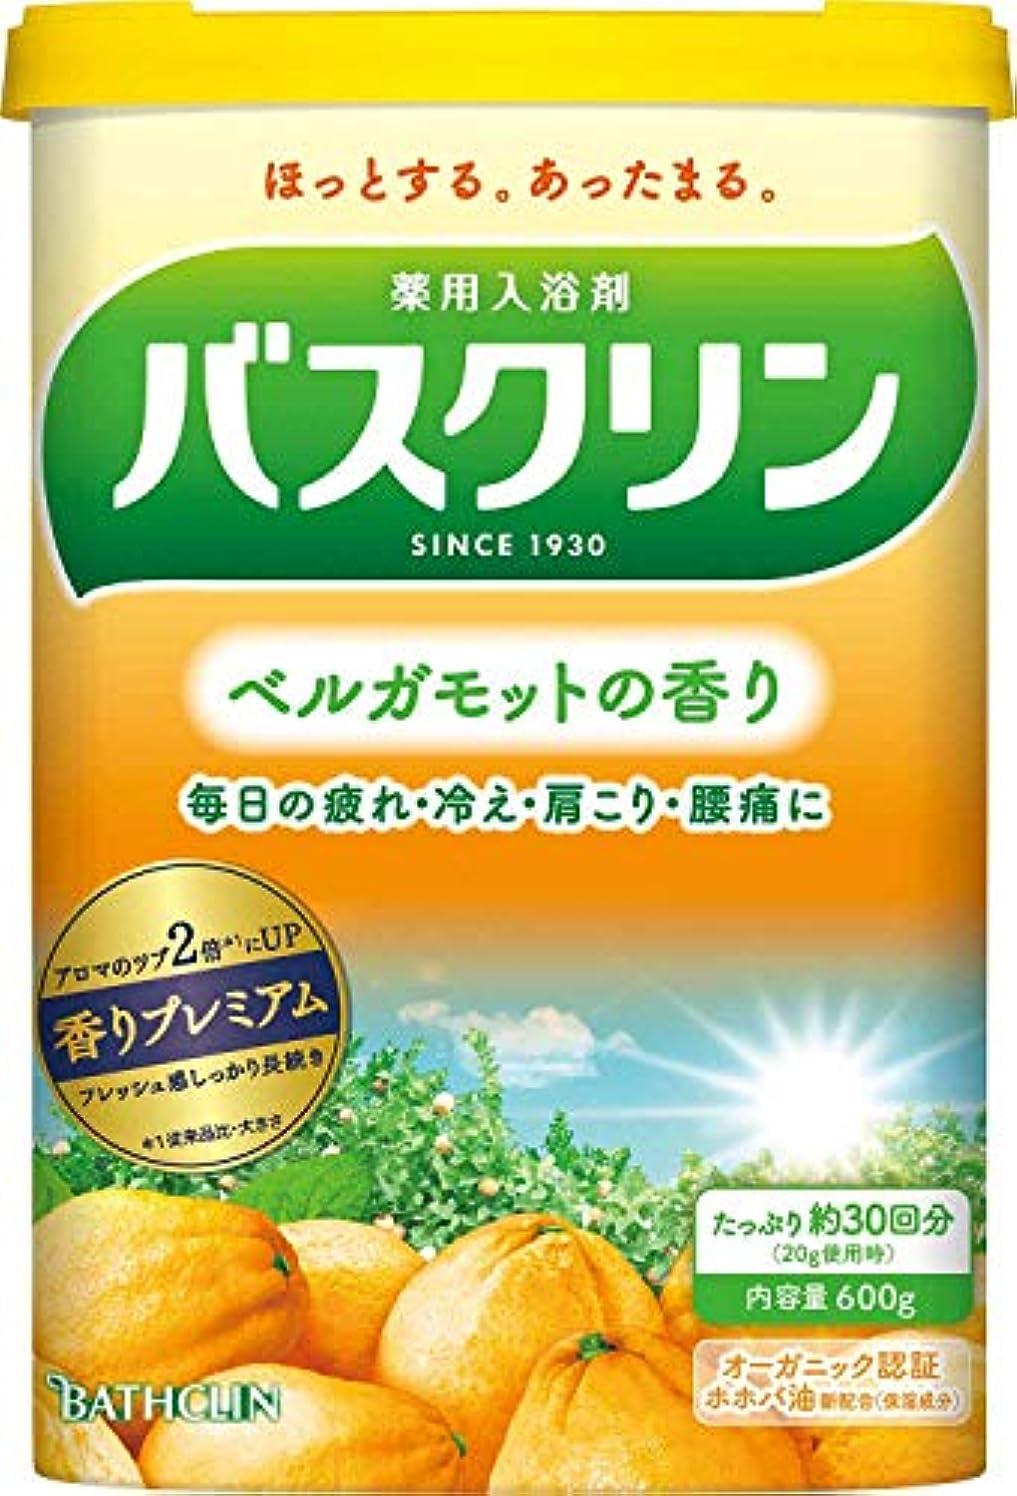 ピルまだら解放する【医薬部外品】バスクリン入浴剤 ベルガモットの香り600g(約30回分) 疲労回復